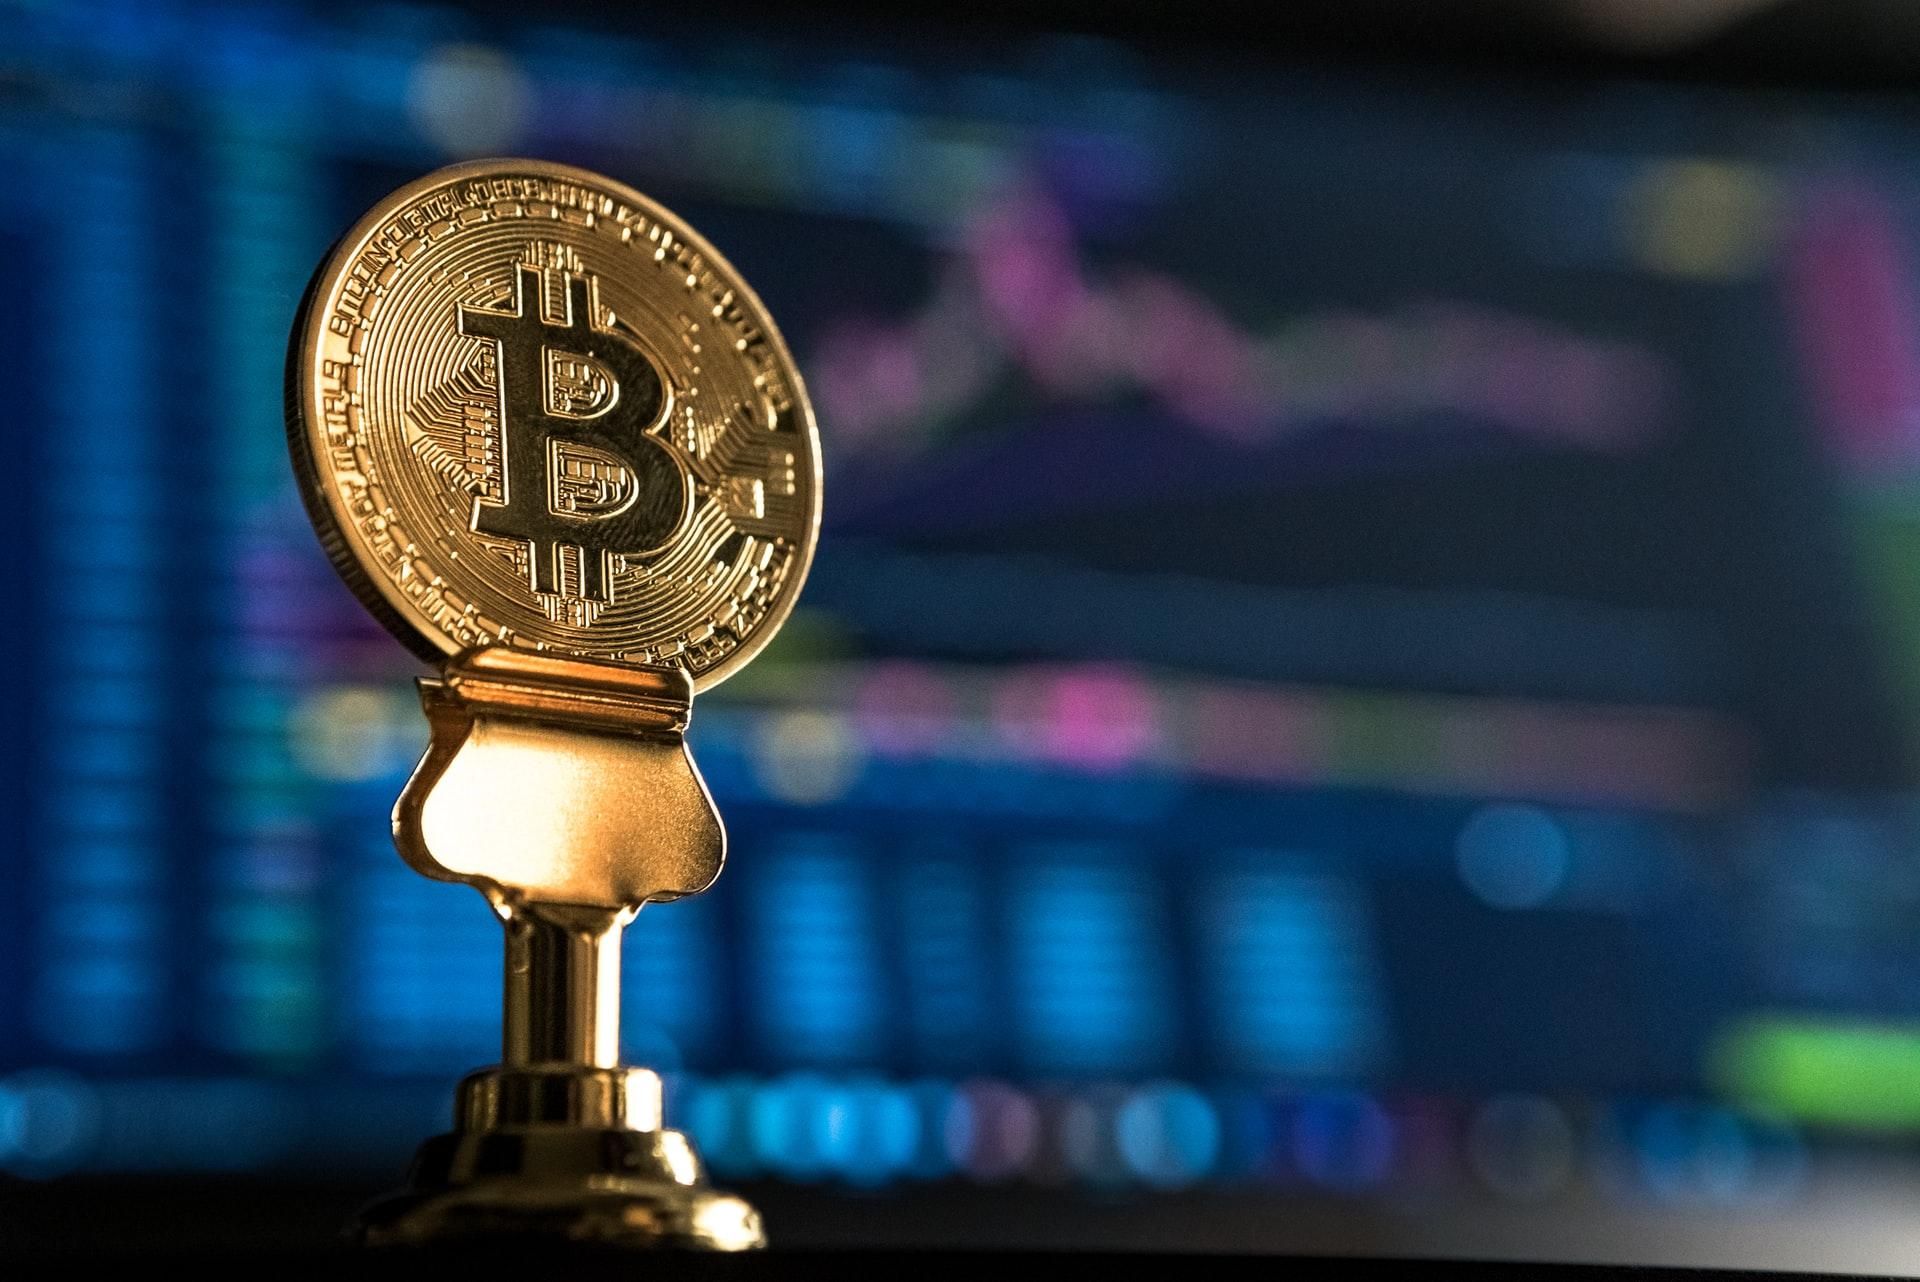 Si Raja Cryptocurrency, Definisi Bitcoin dan Sejarah Bitcoin